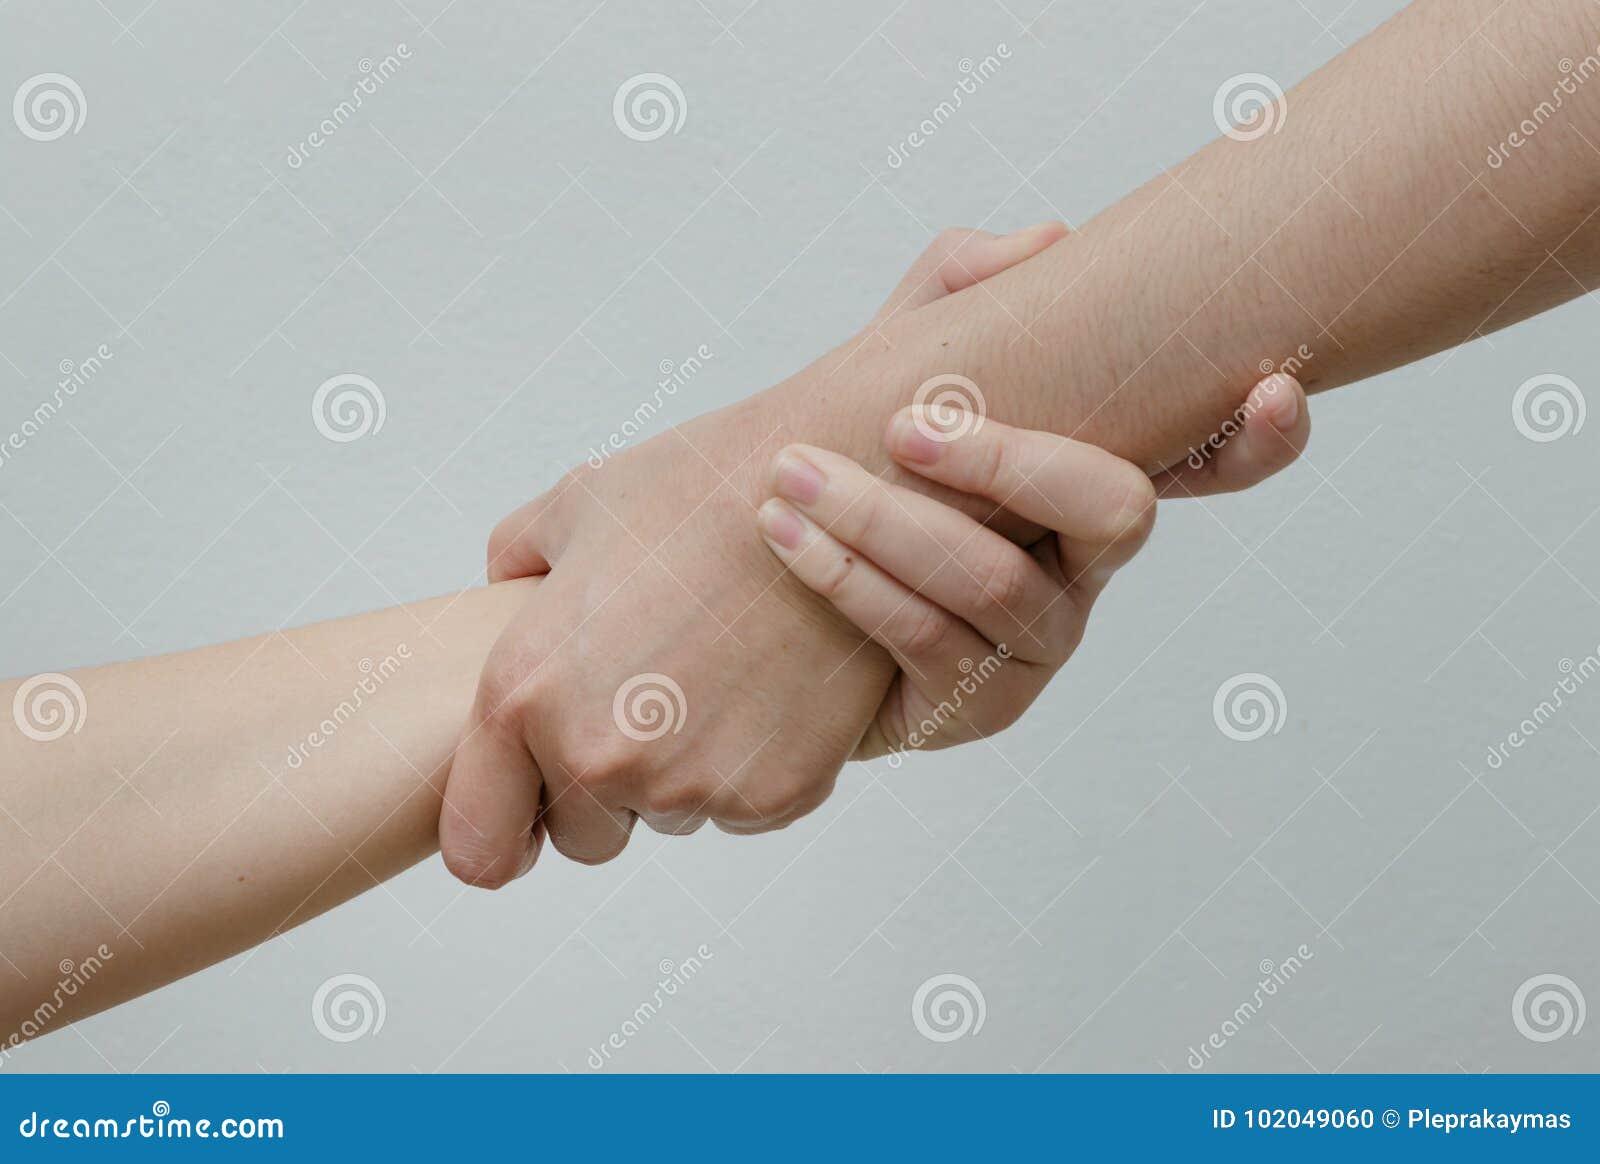 Helpend Handen, hand in hand verhouding